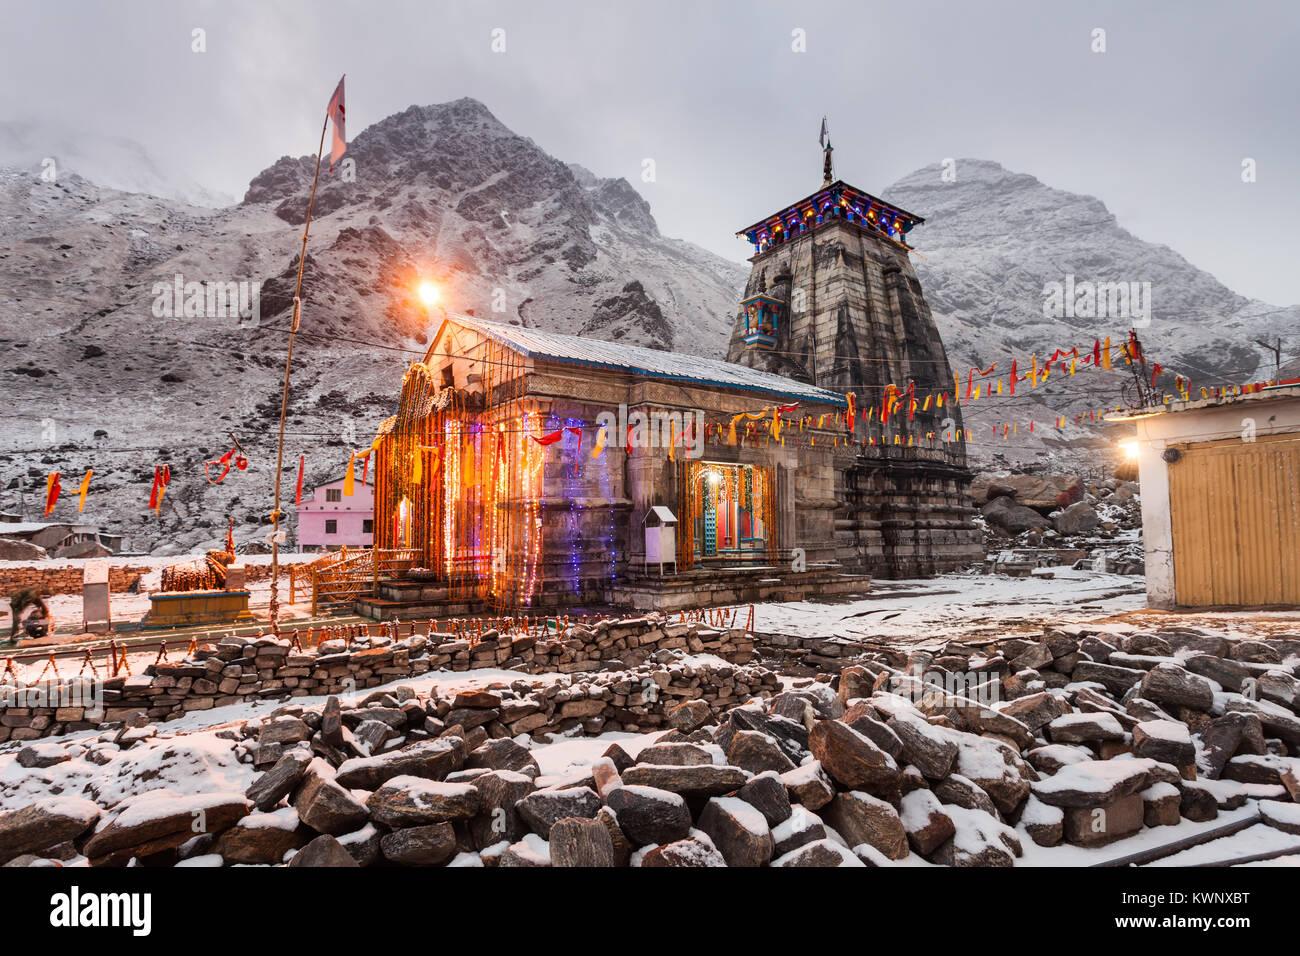 Kedarnath templo en la noche, es un templo hindú dedicado a Shiva, India. Foto de stock